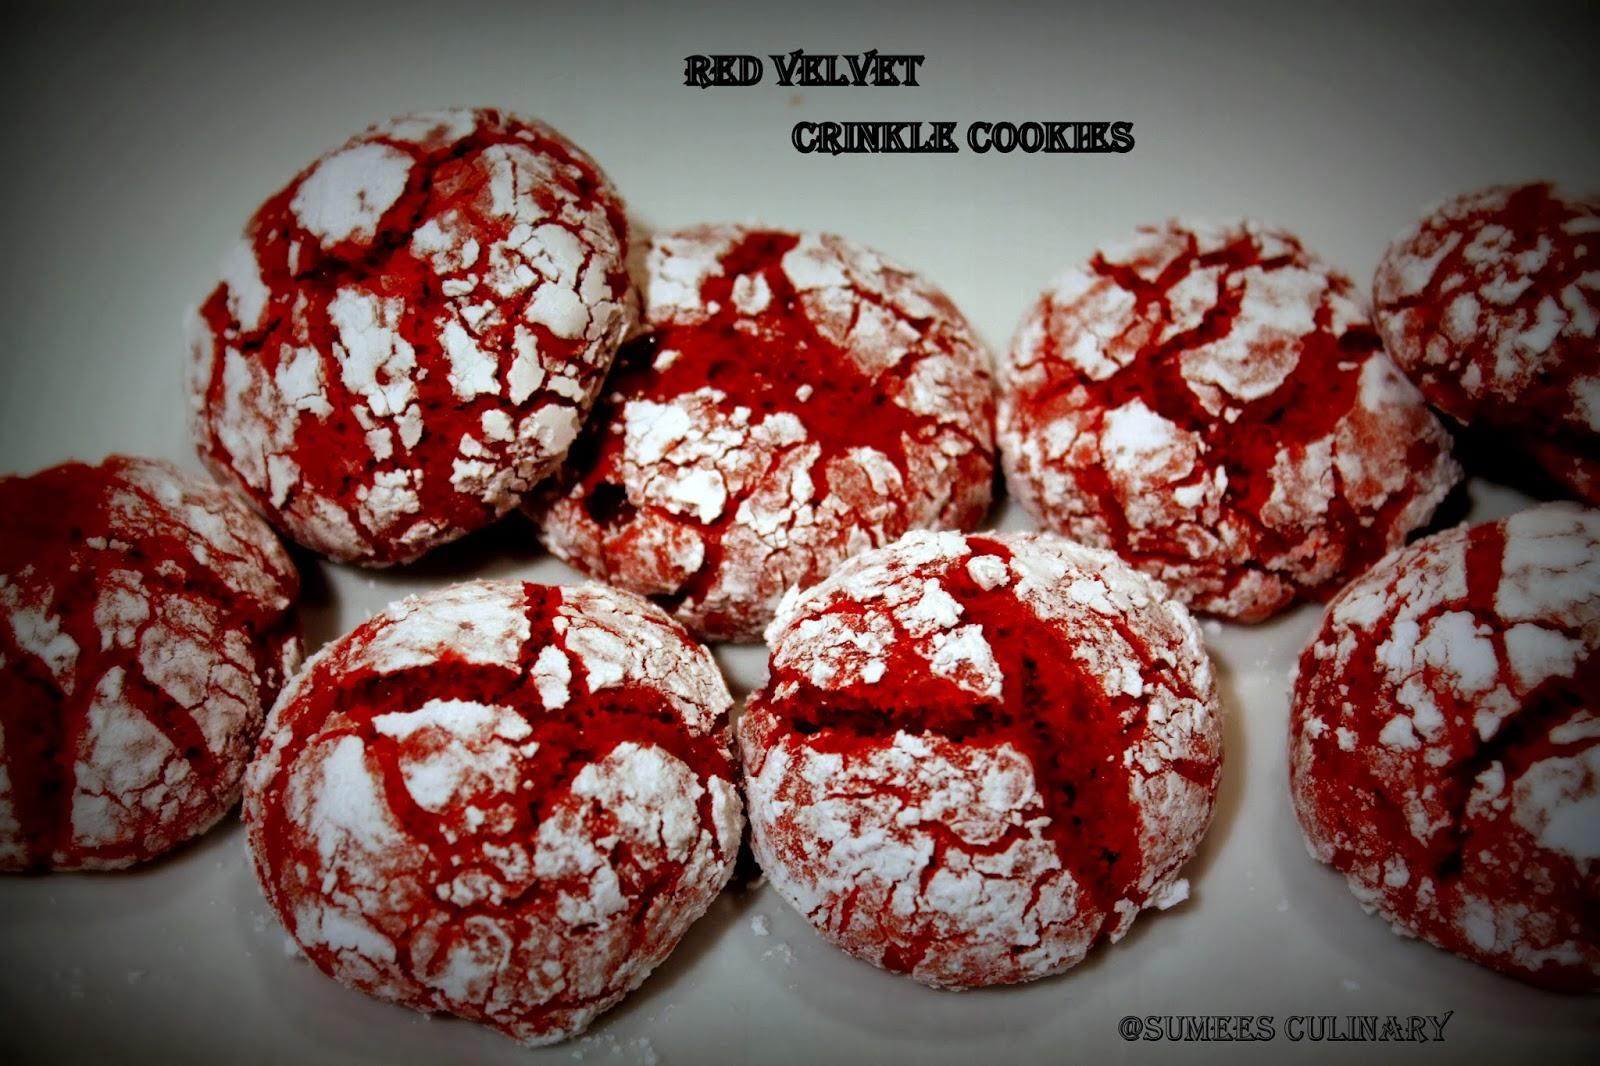 Sumee's Culinary Bites: Red Velvet Crinkle Cookies